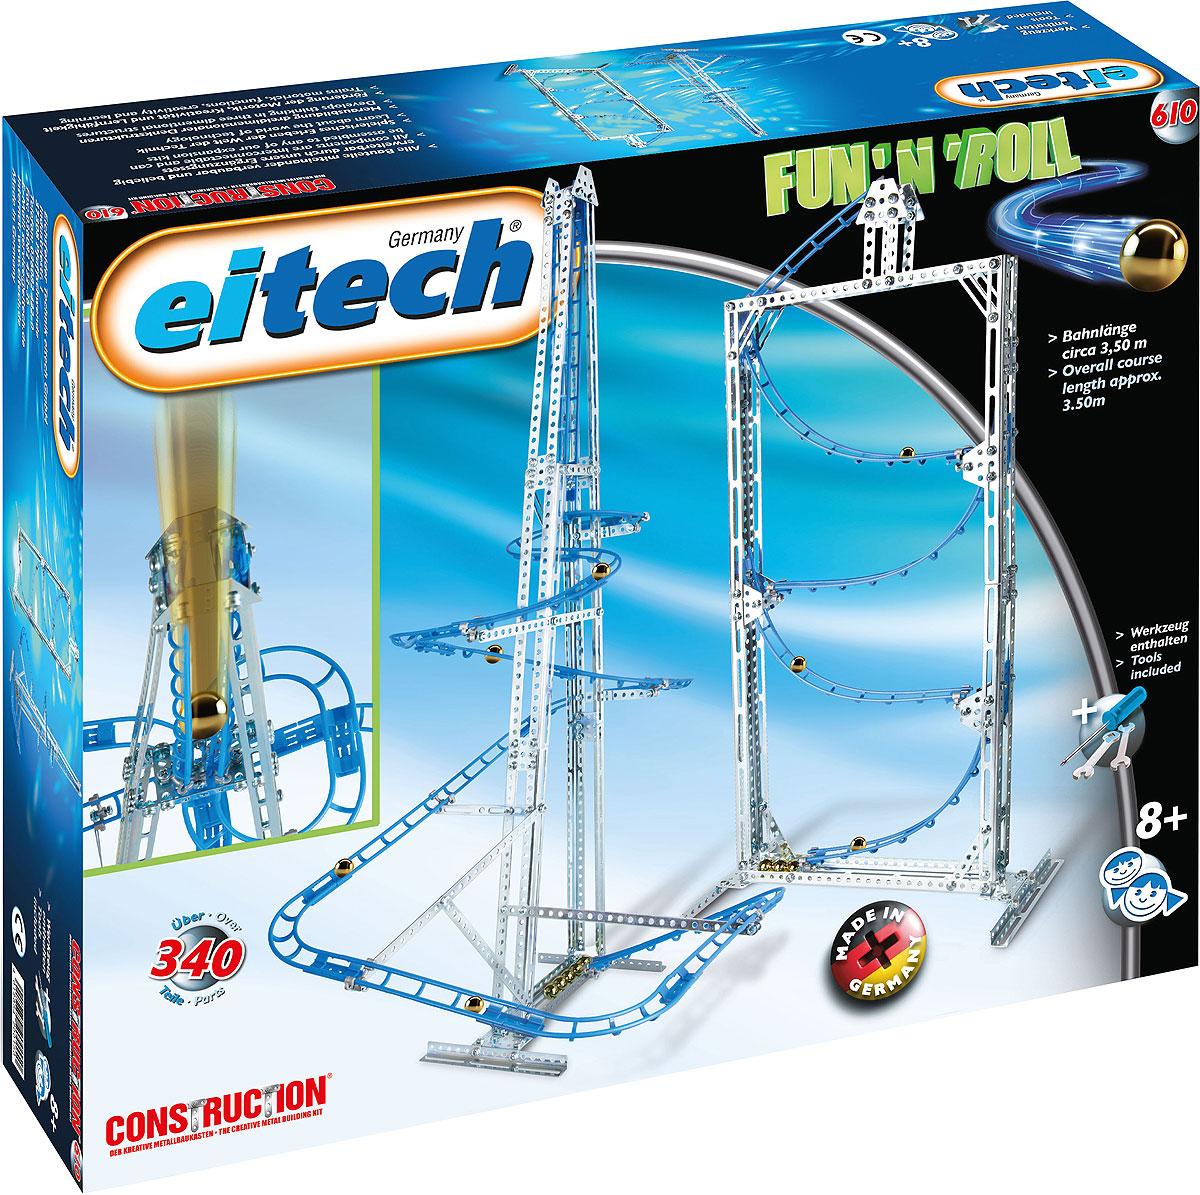 Eitech Конструктор Серпантин 00610 конструкторы eitech конструктор меxаник 250 деталей